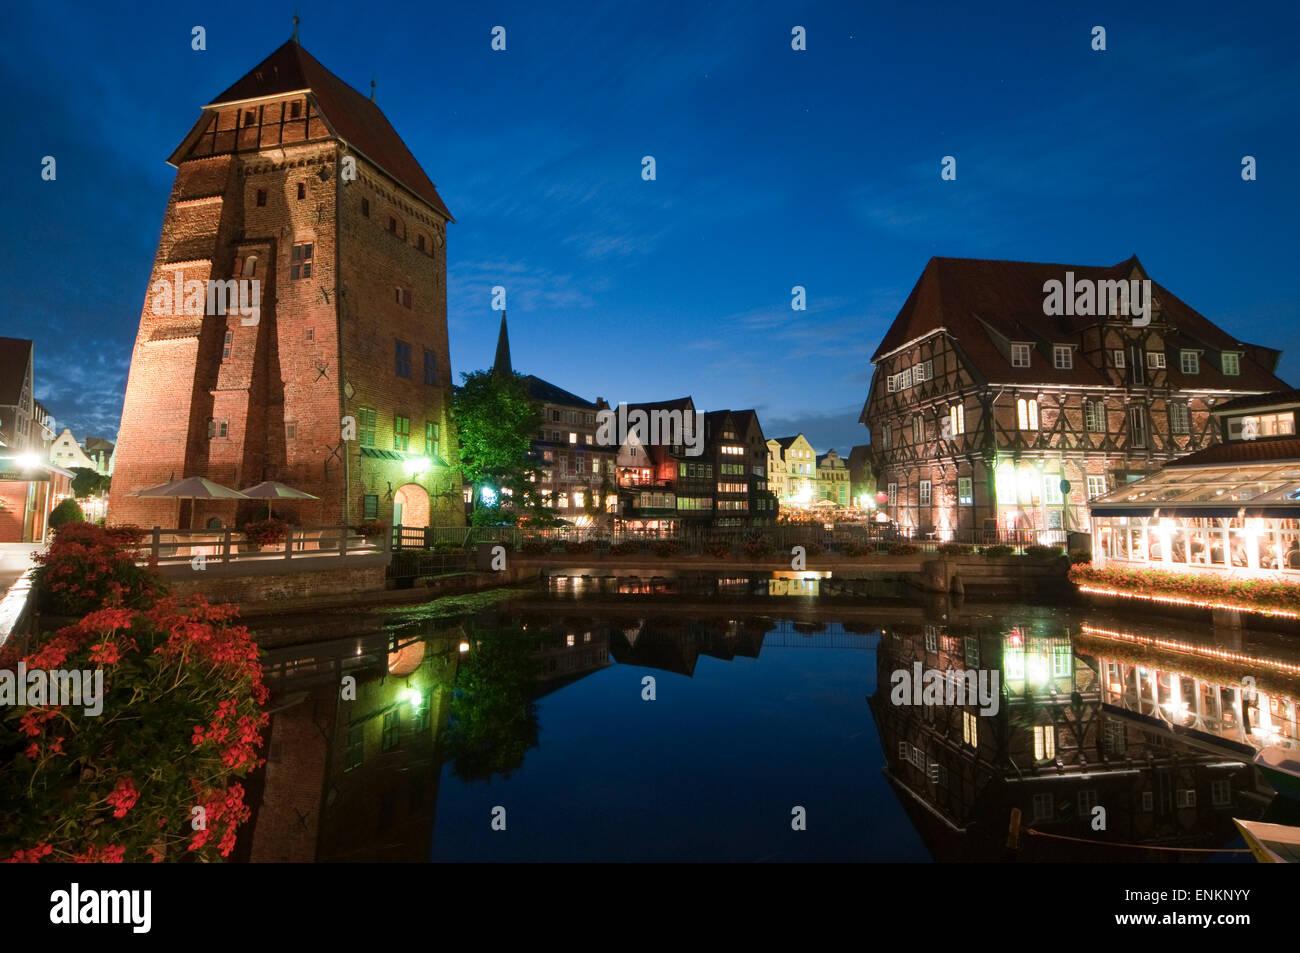 Luener Muehle und Abtsmuehle, Daemmerung, Alter Hafen, Lueneburg, Niedersachsen, Deutschland |  Luener Mill and - Stock Image